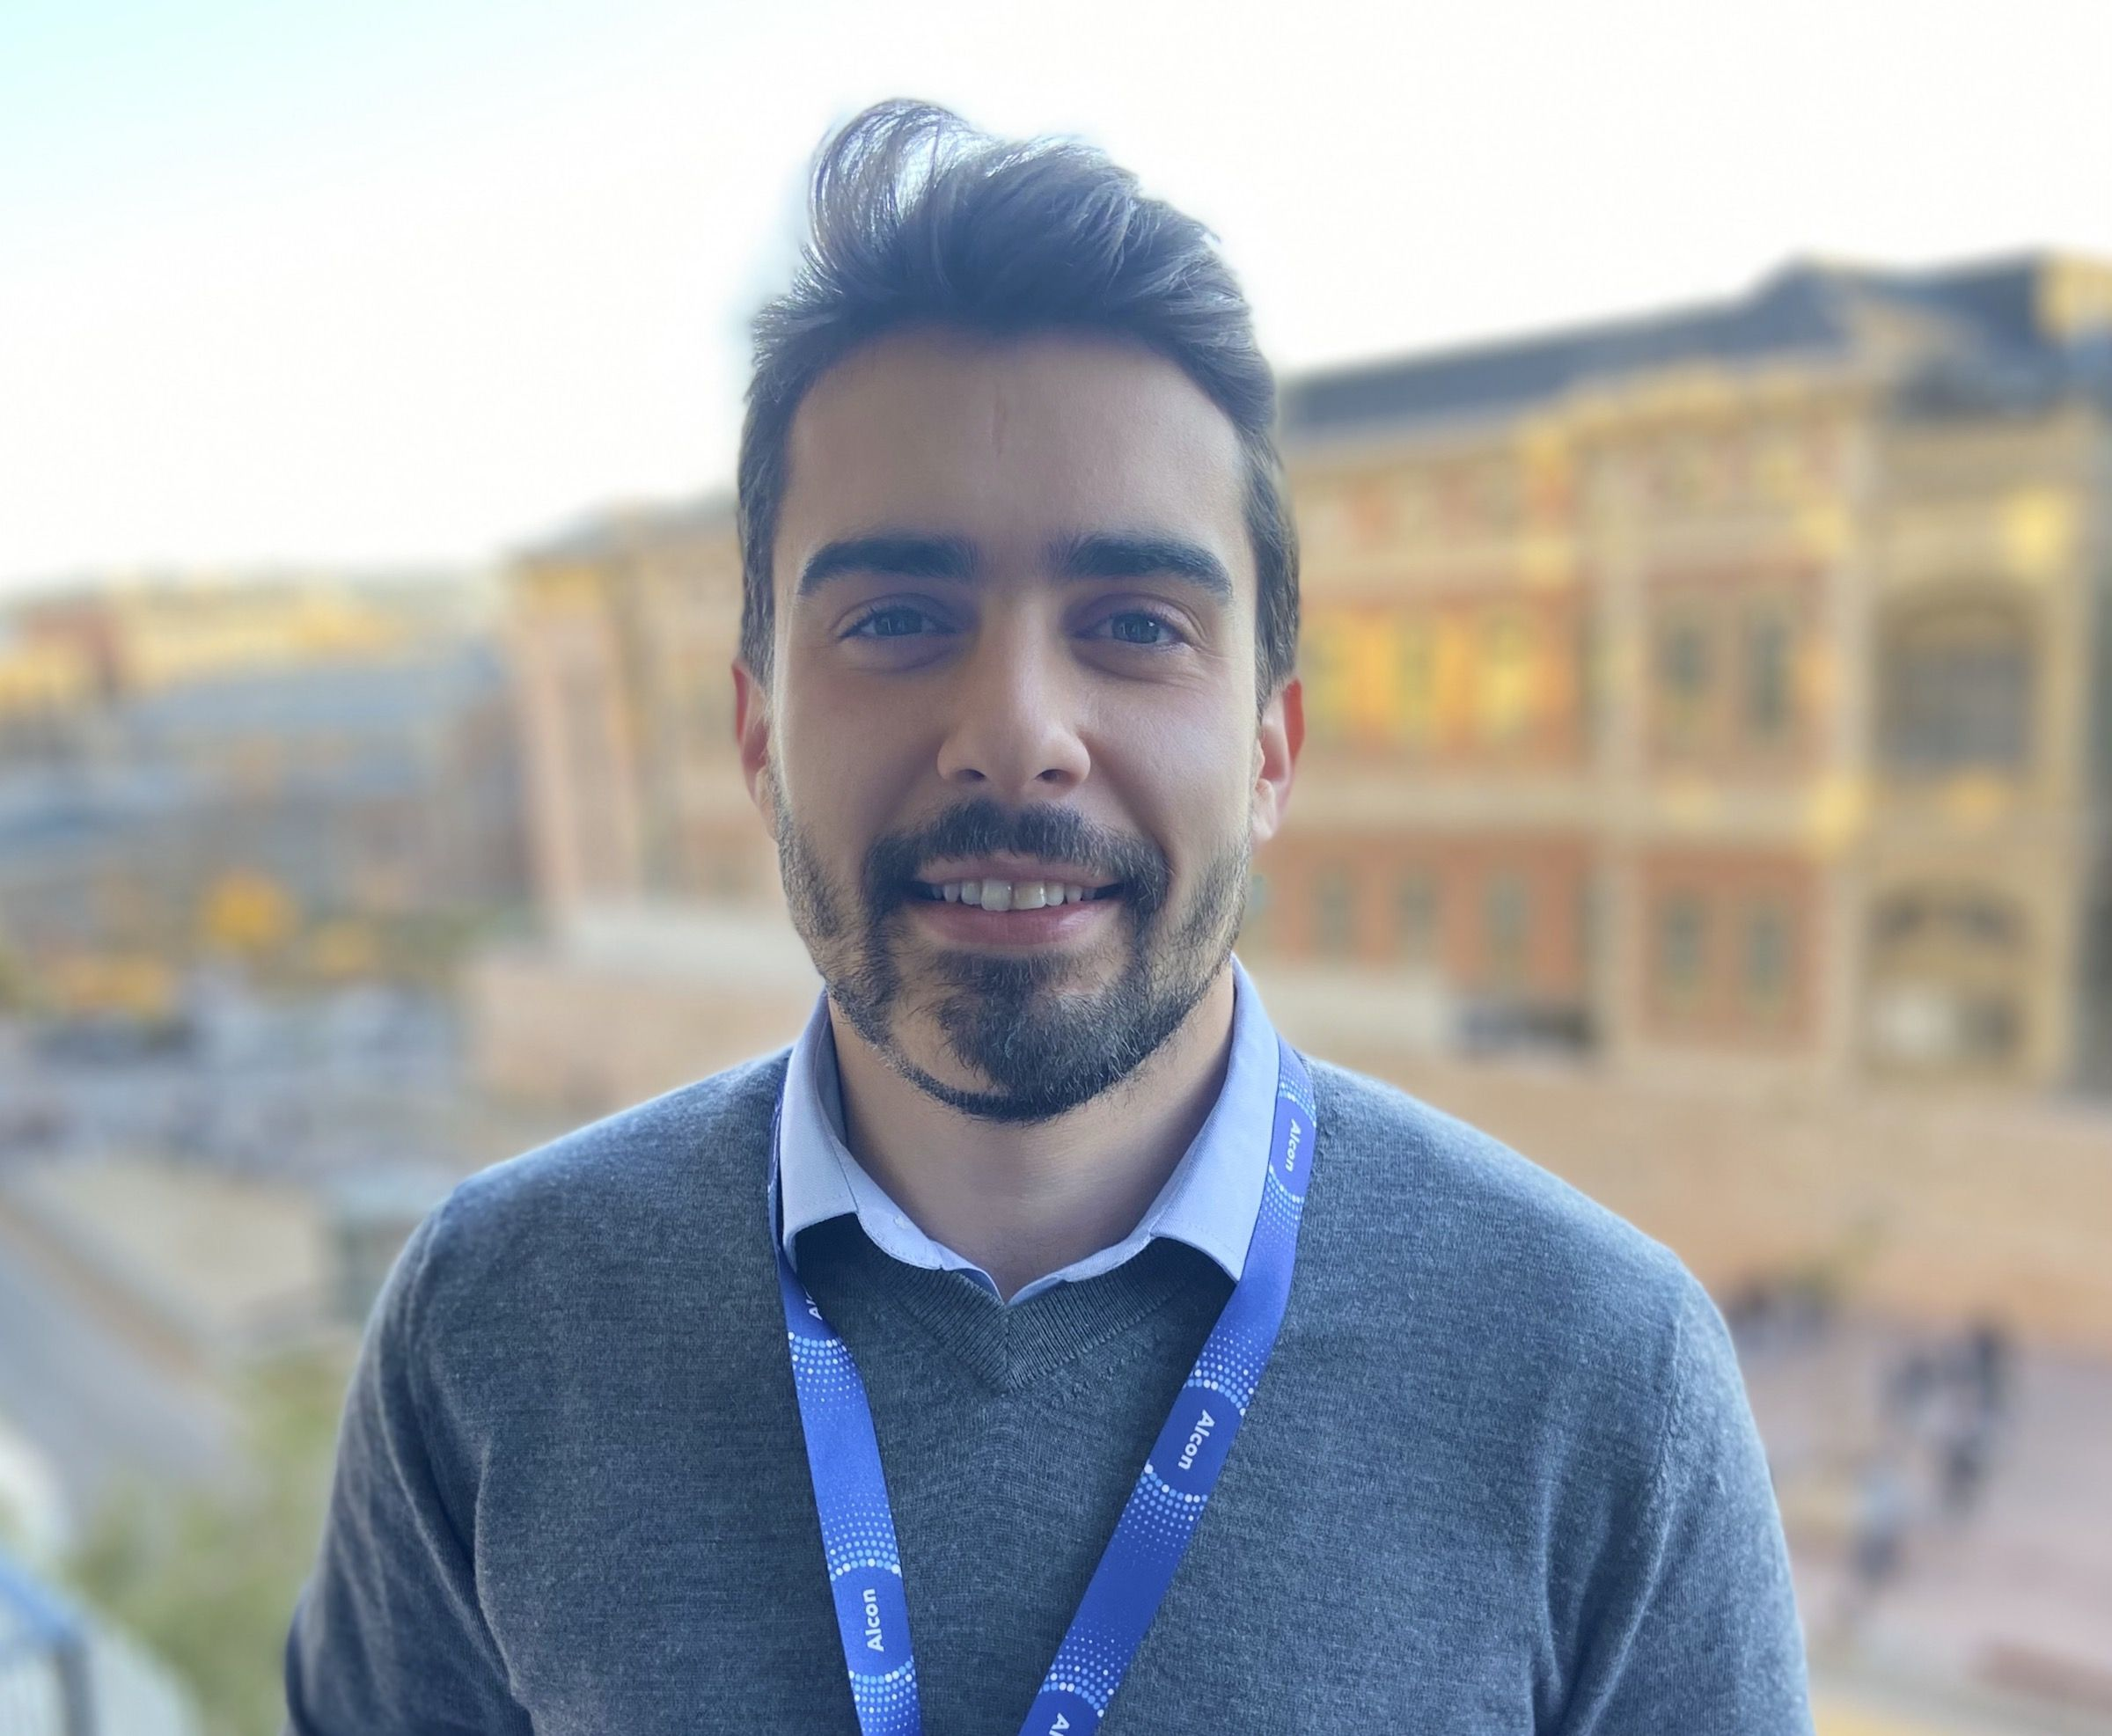 Ignacio Benlliure, gradudado en Periodismo en la CEU UCH, trabaja actualmente en el departamento de Comunicación de Alcon Healthcare.